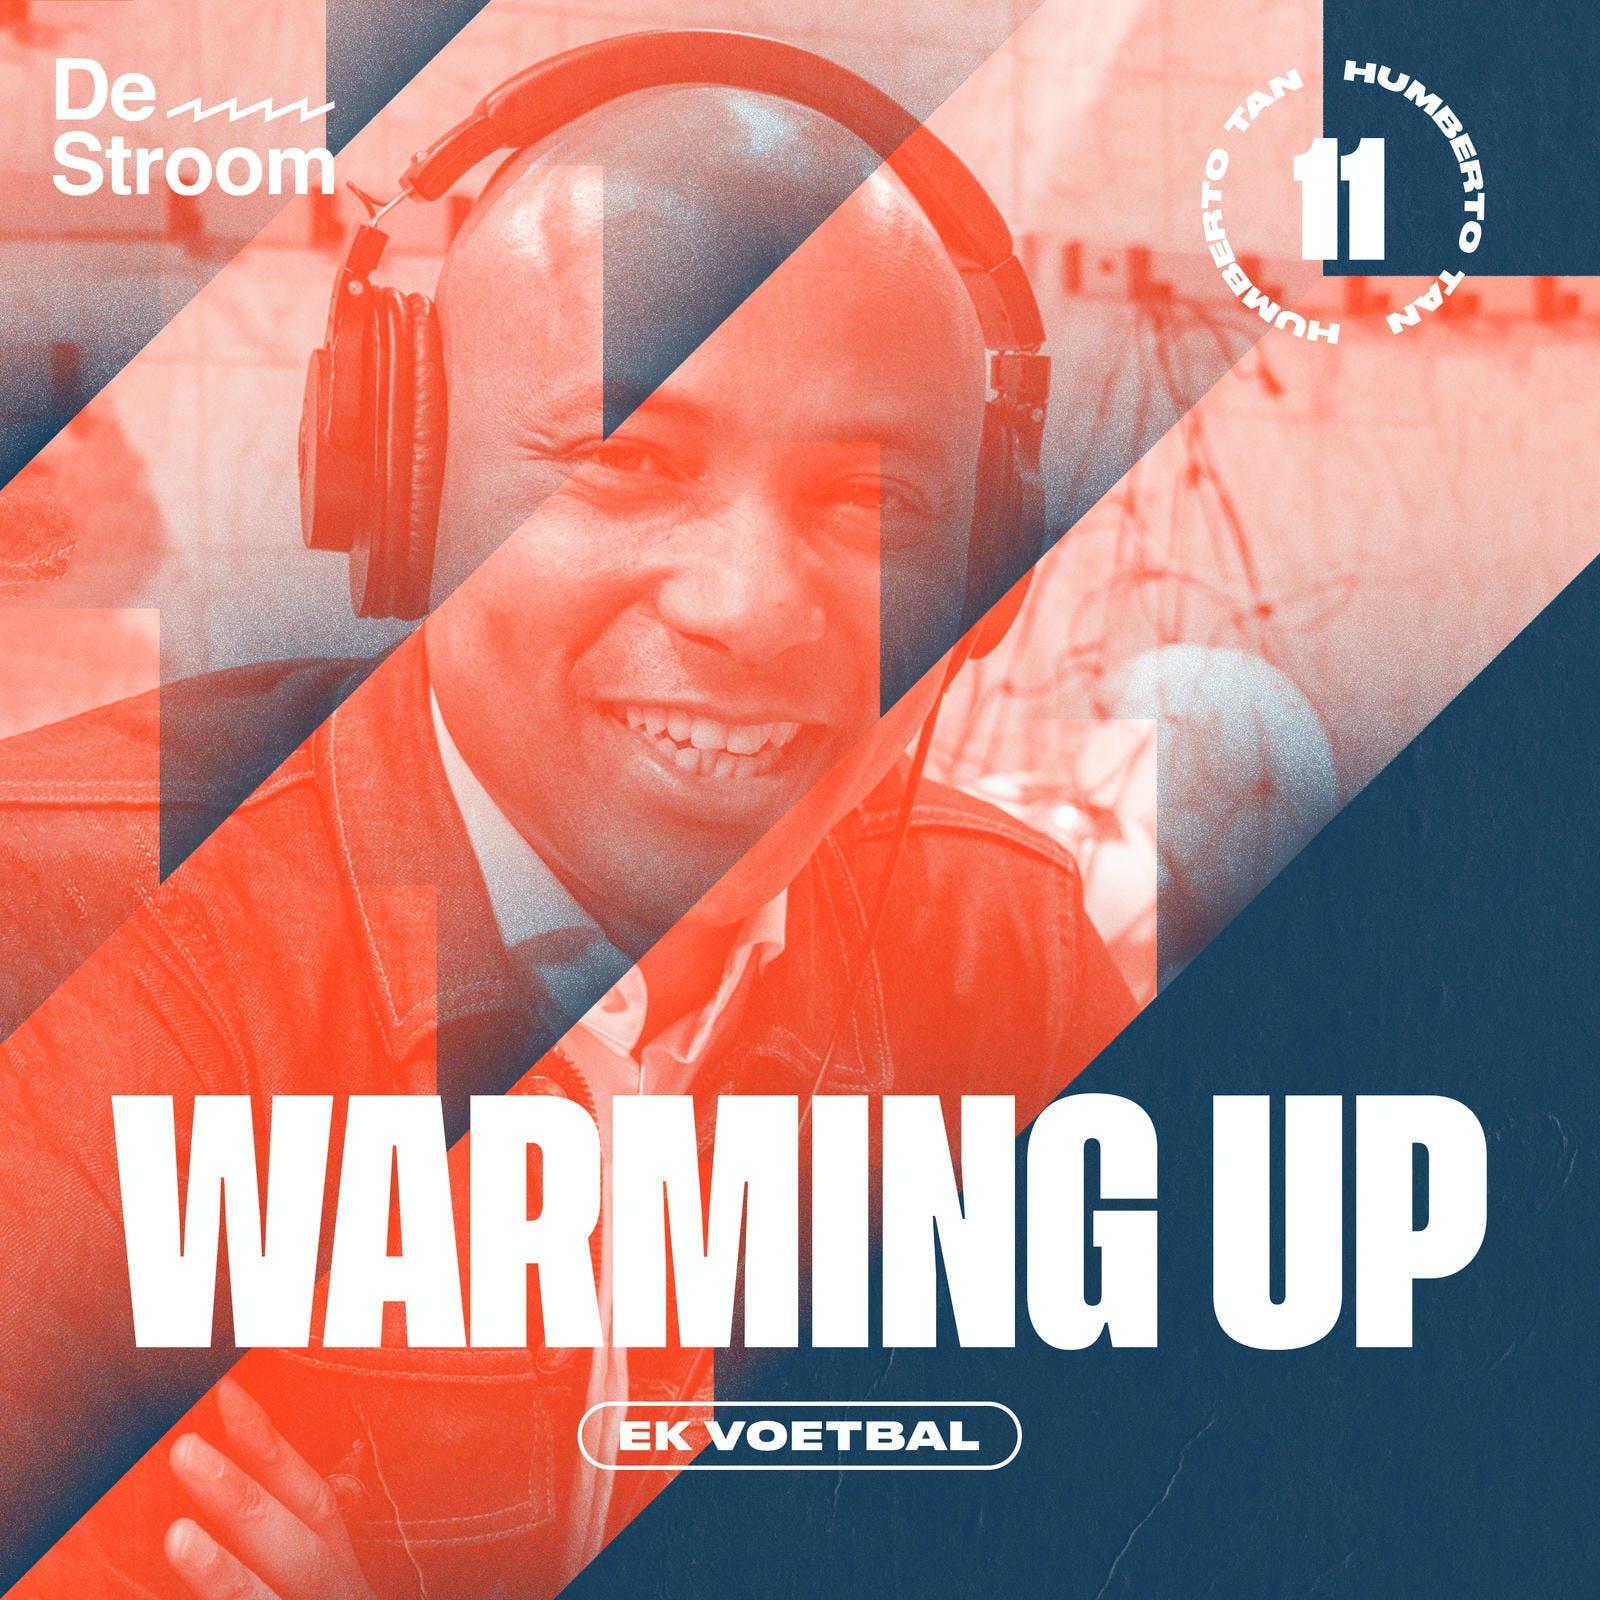 Warming Up logo